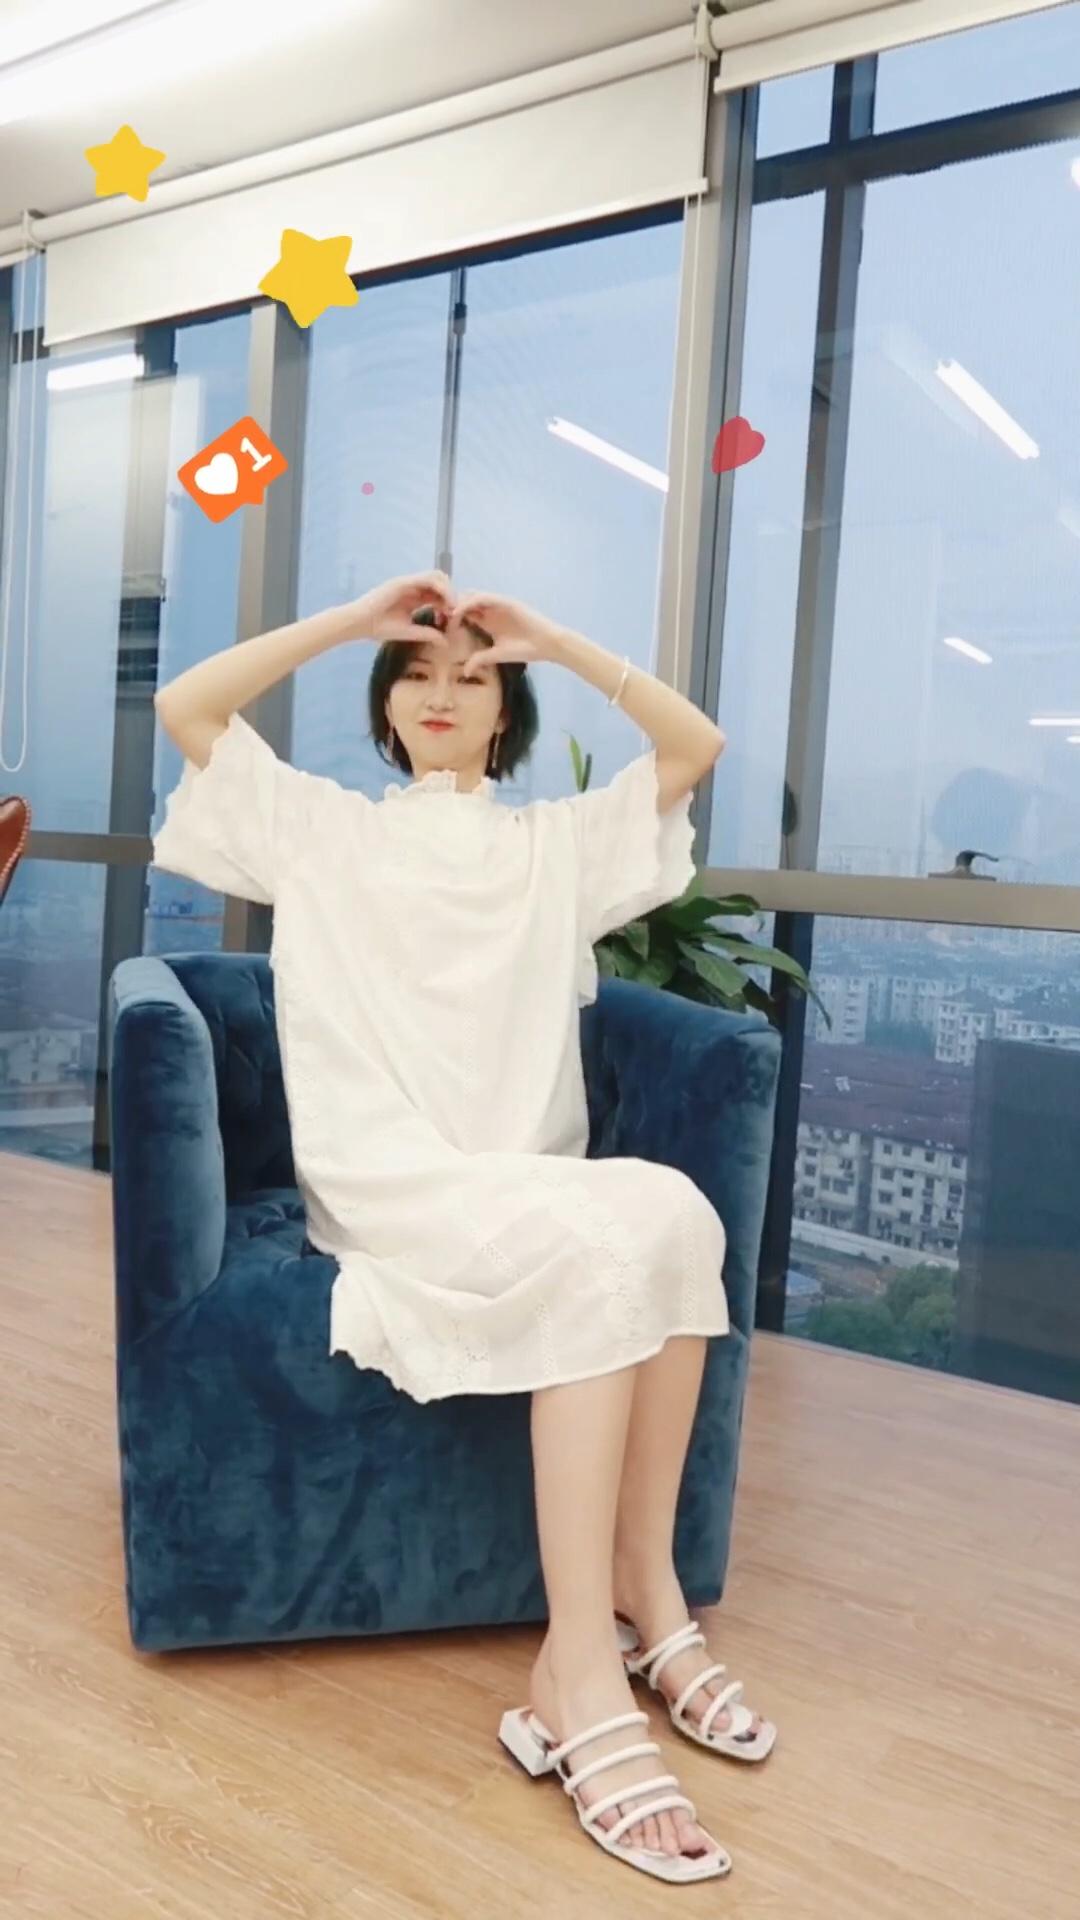 #520,甜甜的恋爱要来了!# 白色连衣裙 日常聚会都不会错的搭配!显白又气质, 还不显小肚子哦!